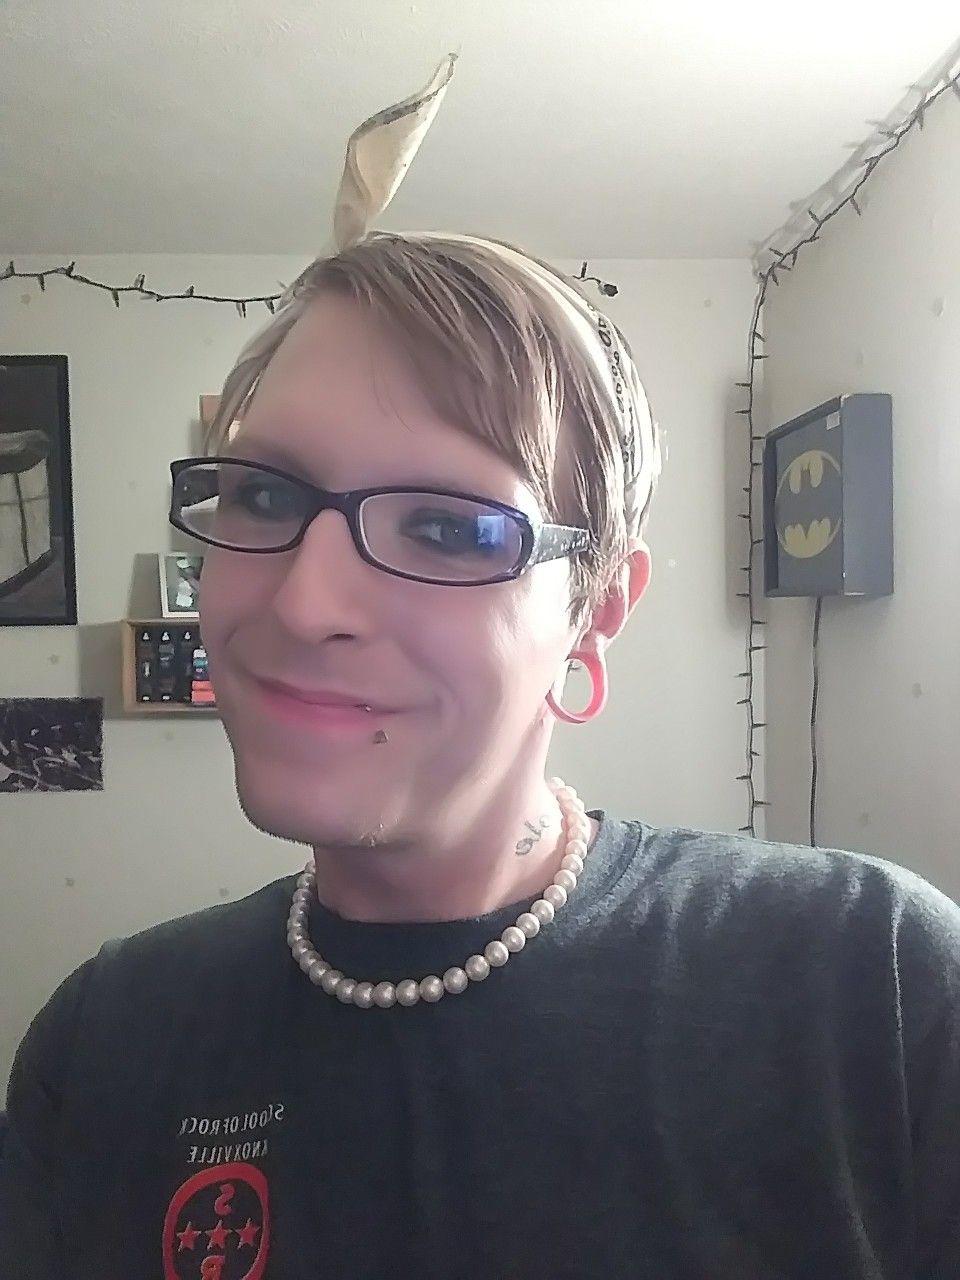 Cute transgirls